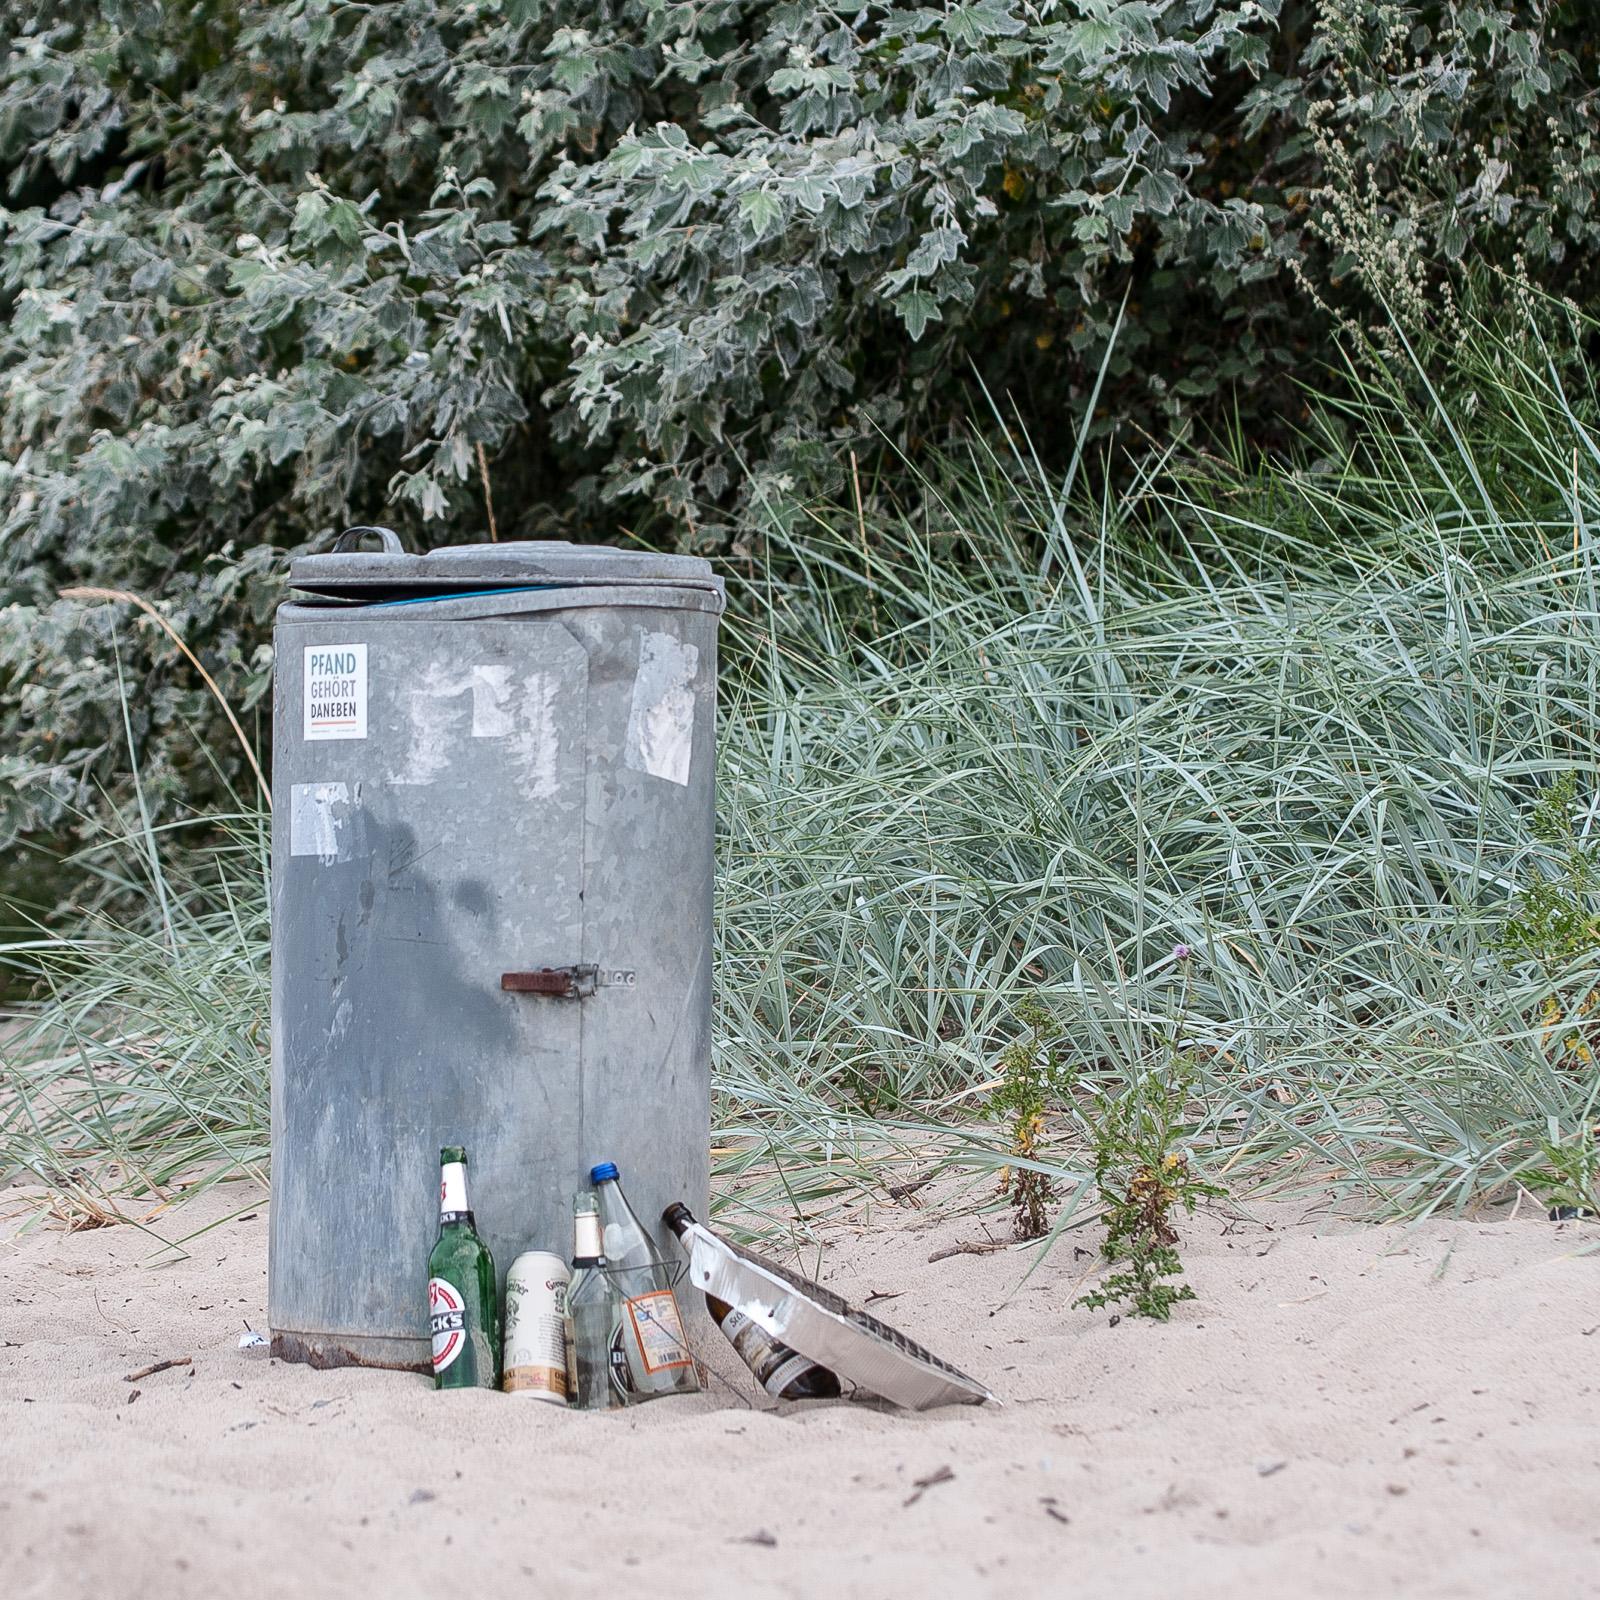 Mülltonne mit Aufkleber Pfand gehört daneben, Strand von Travemünde